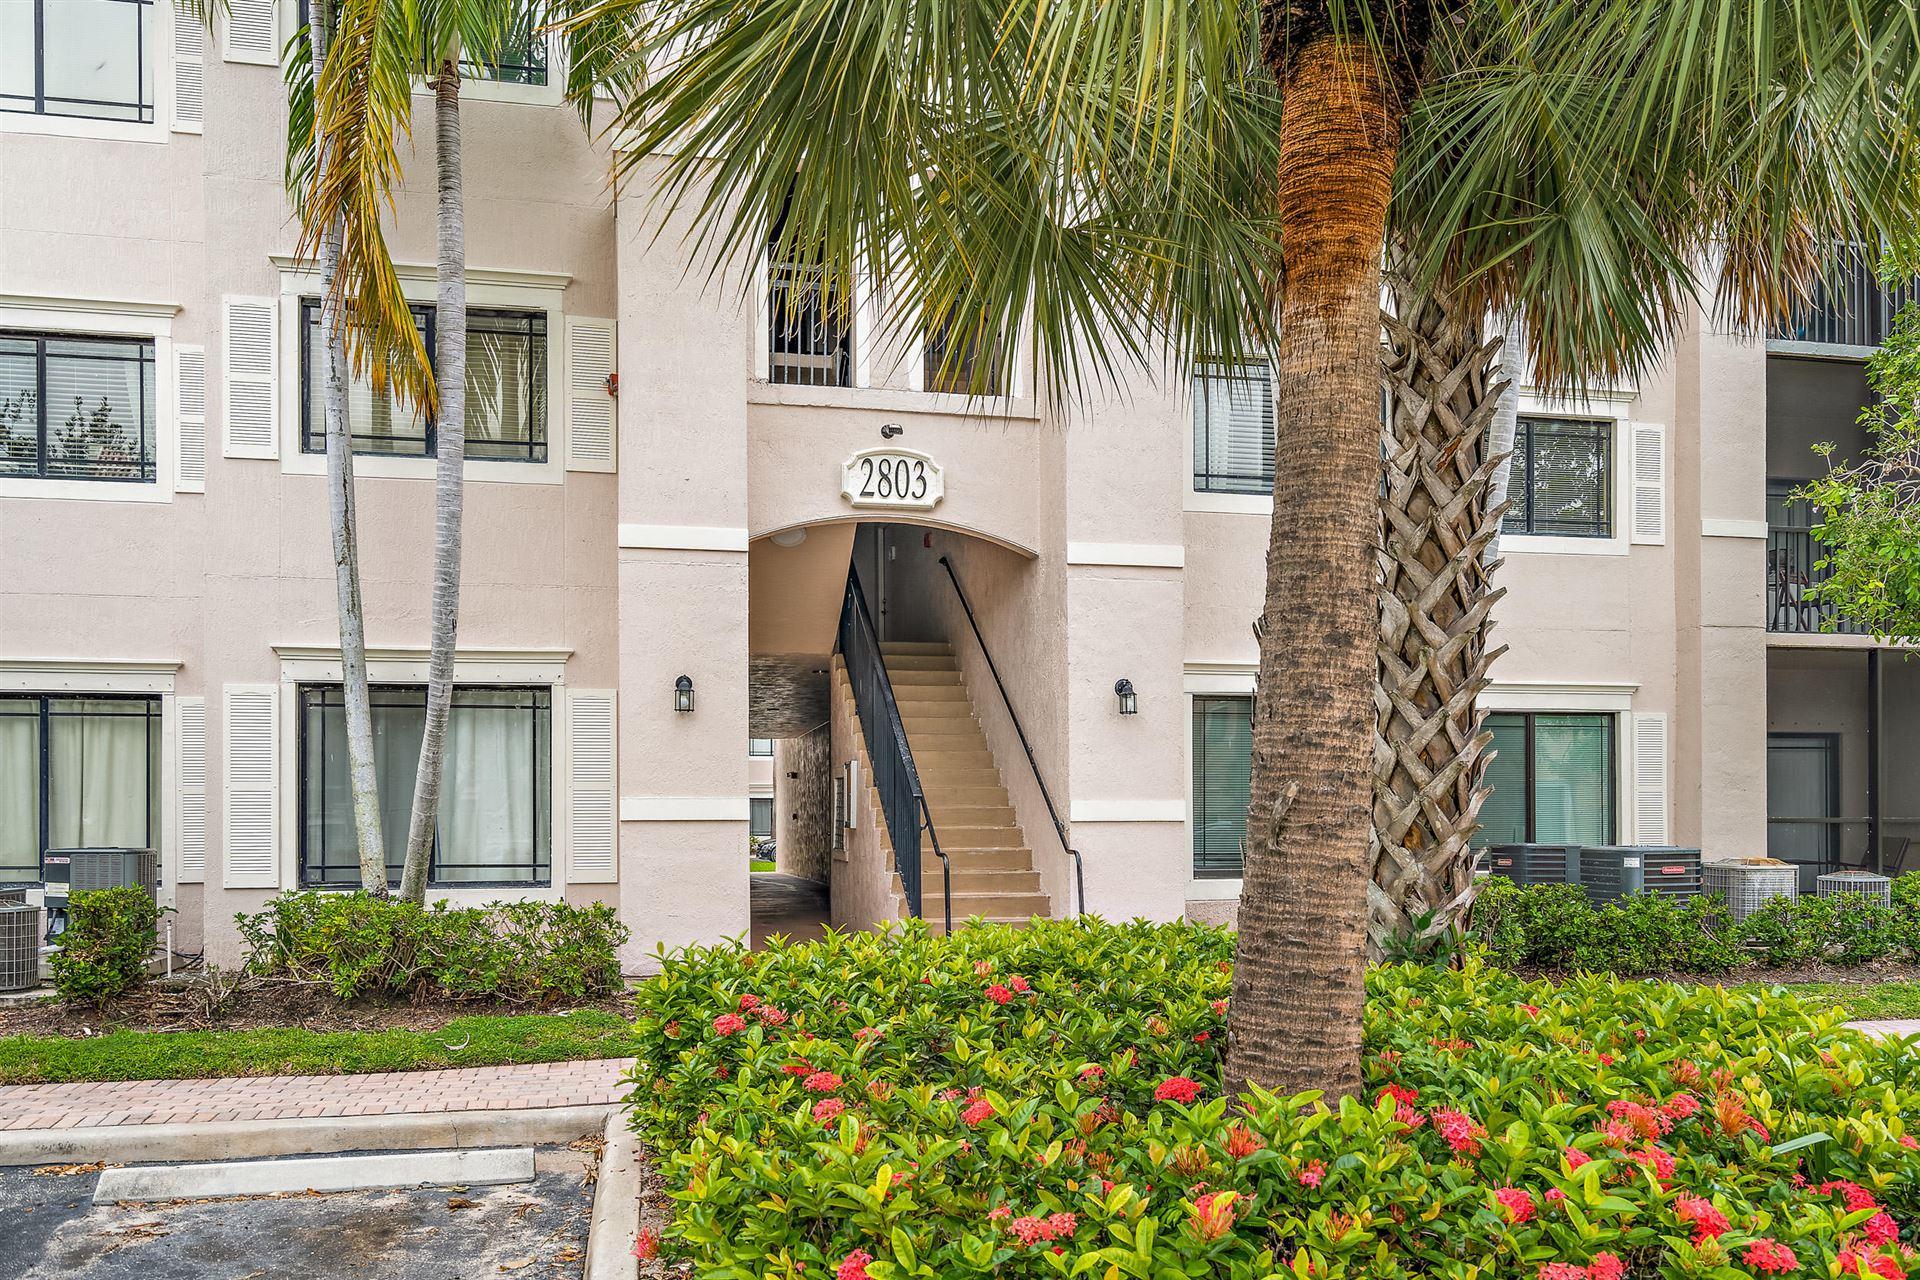 2803 Sarento Place #102, Palm Beach Gardens, FL 33410 - #: RX-10642964